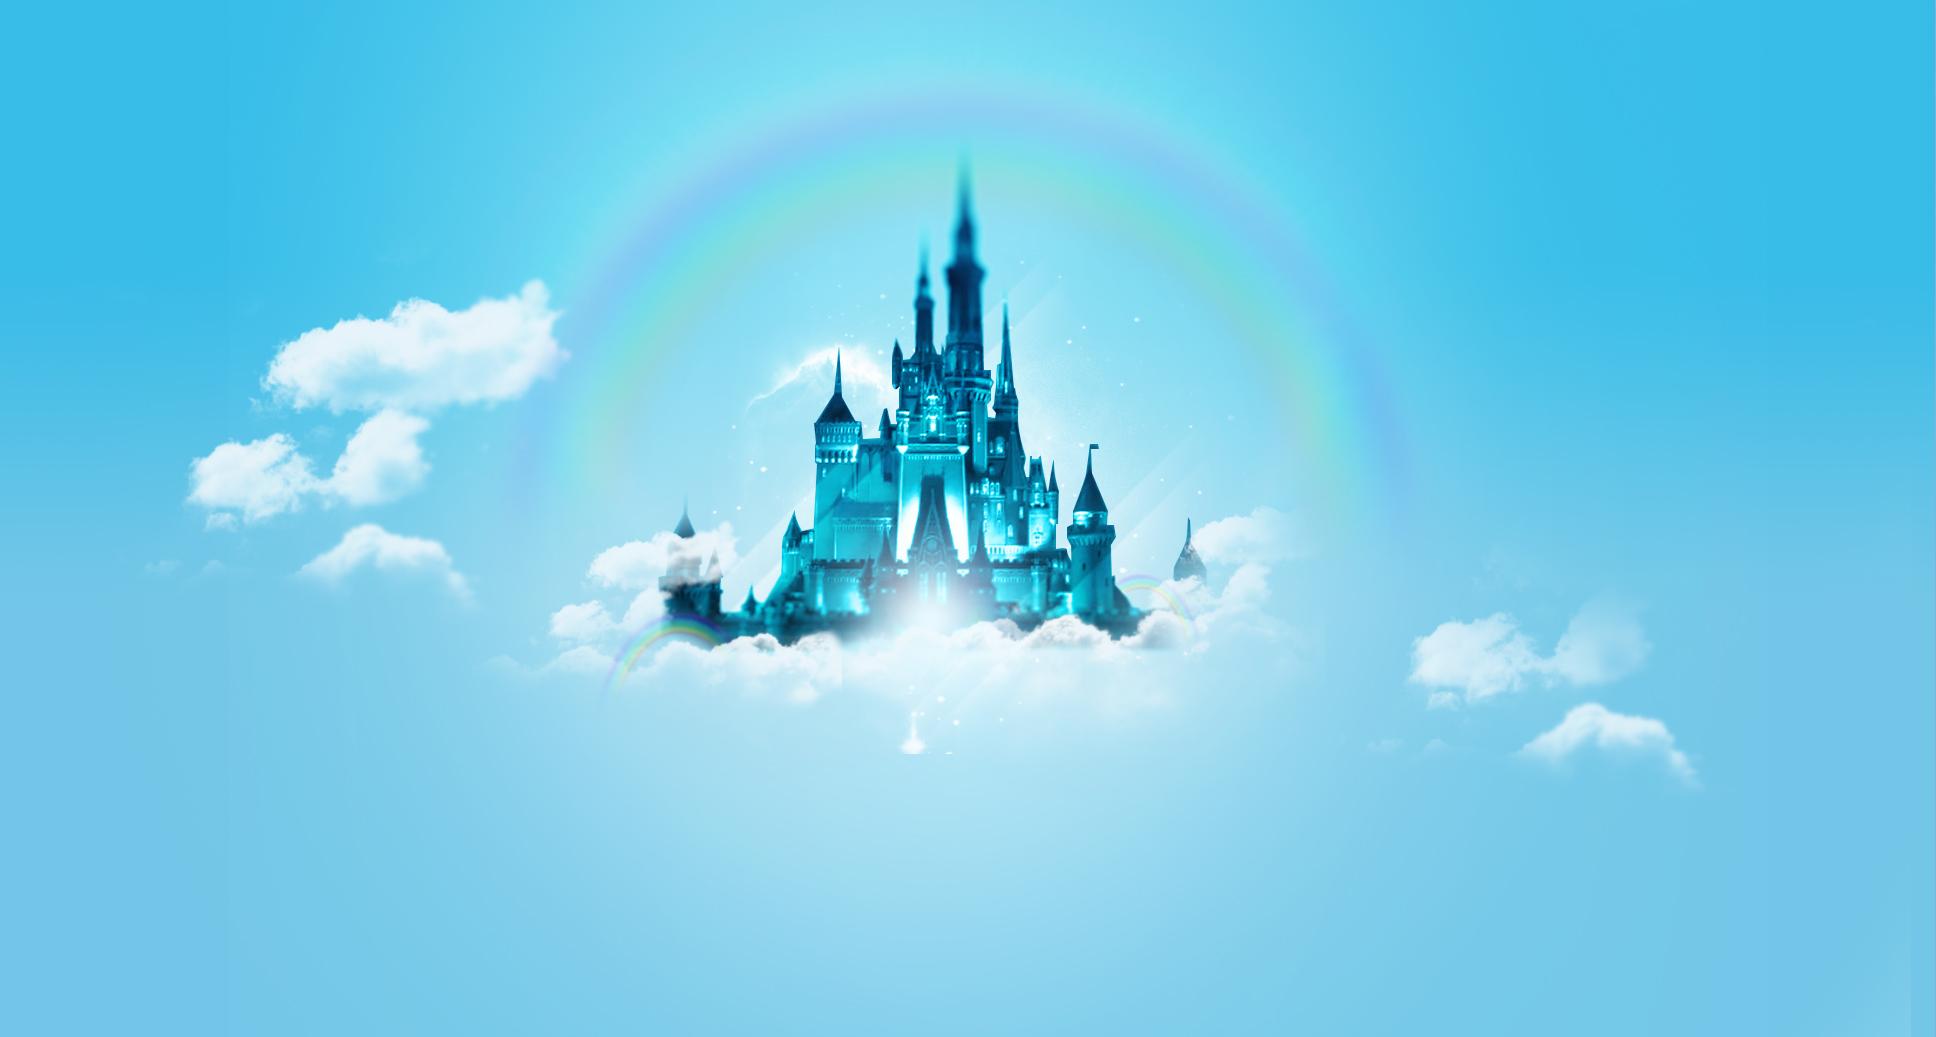 Wallpaper] Walt Disney by 0mega-HD on